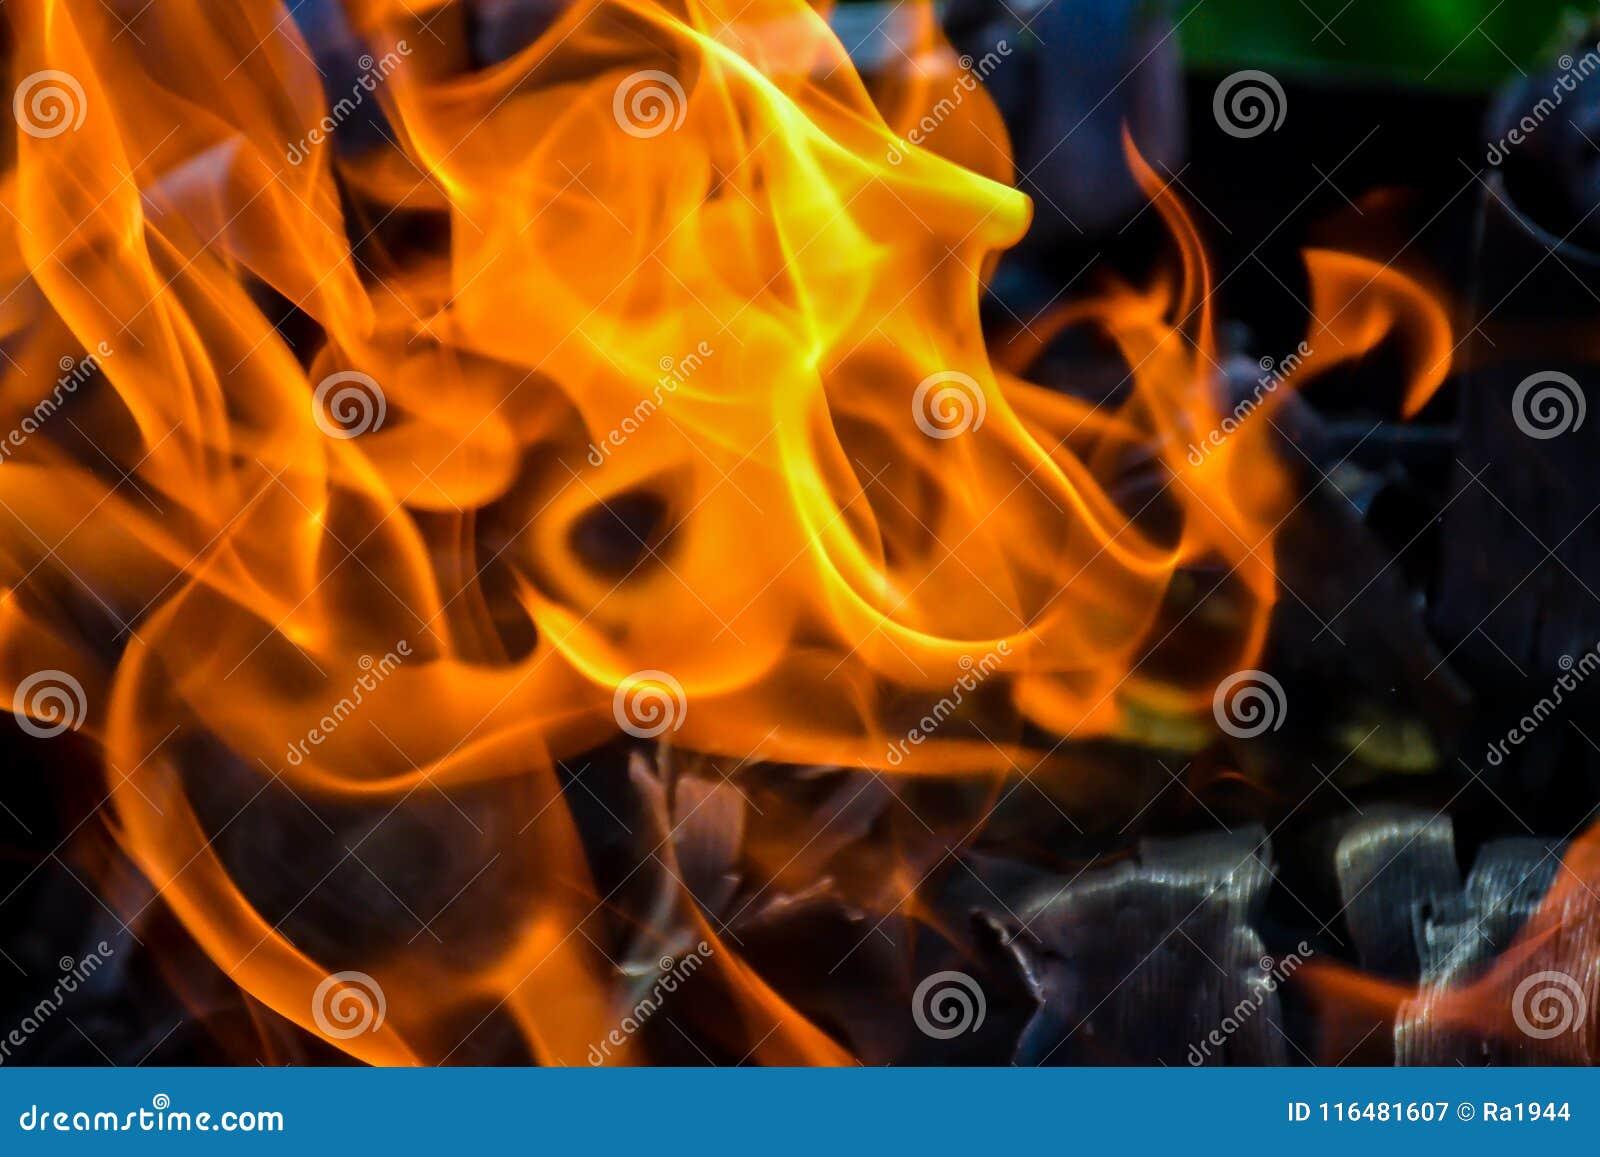 火,煤炭,火焰和扭转元素抽象背景灰